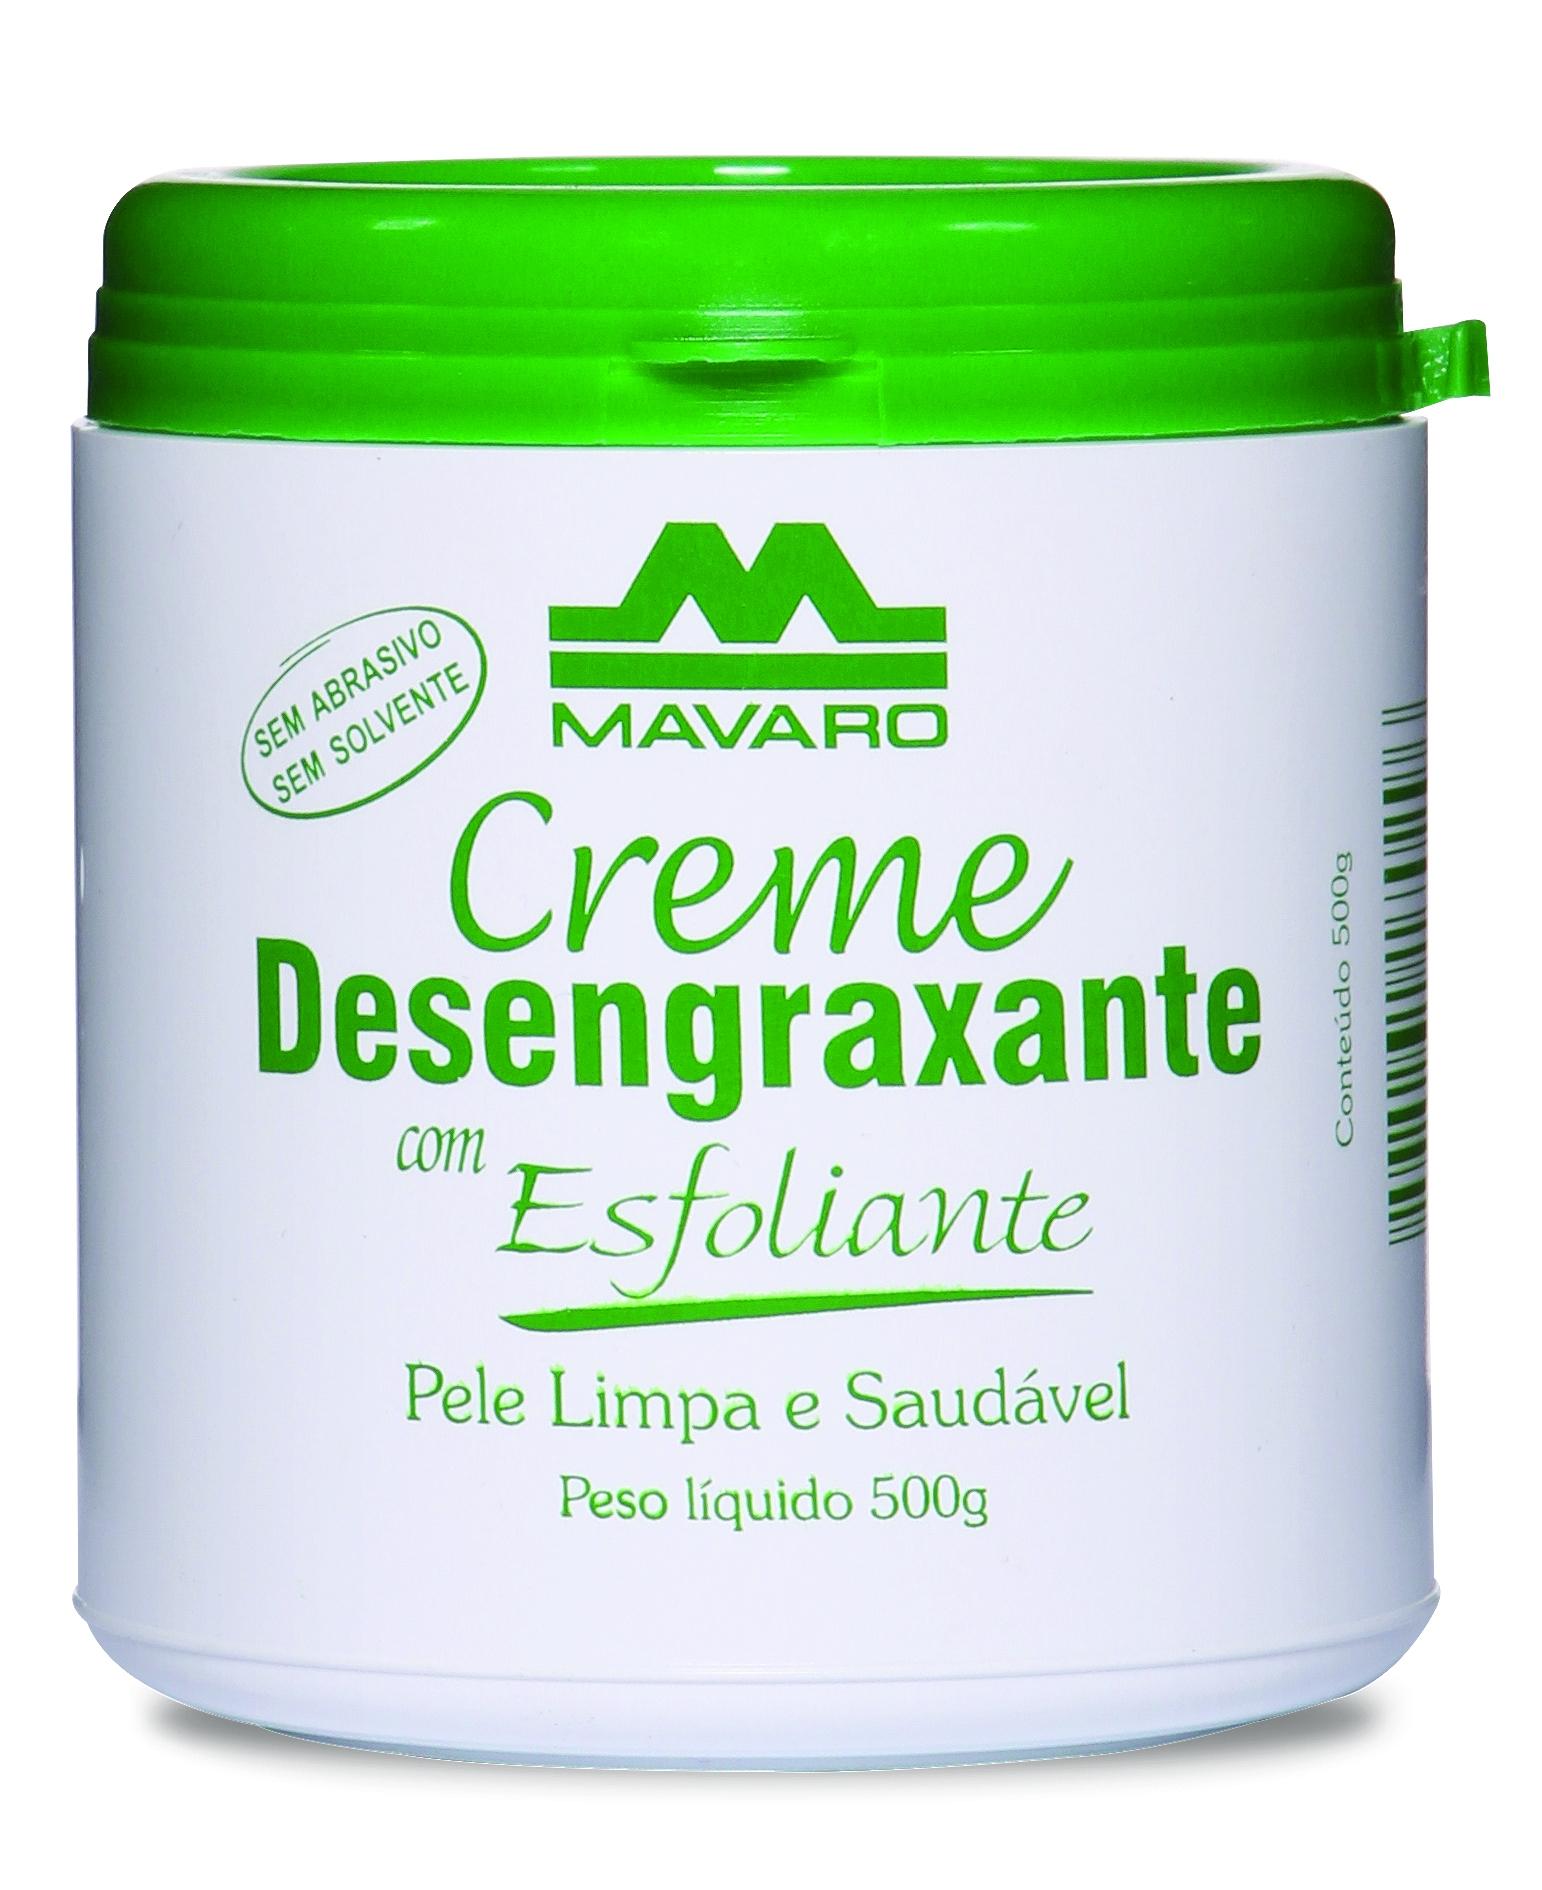 Creme Desengraxante (Mavaro) com esfoliante 500grs